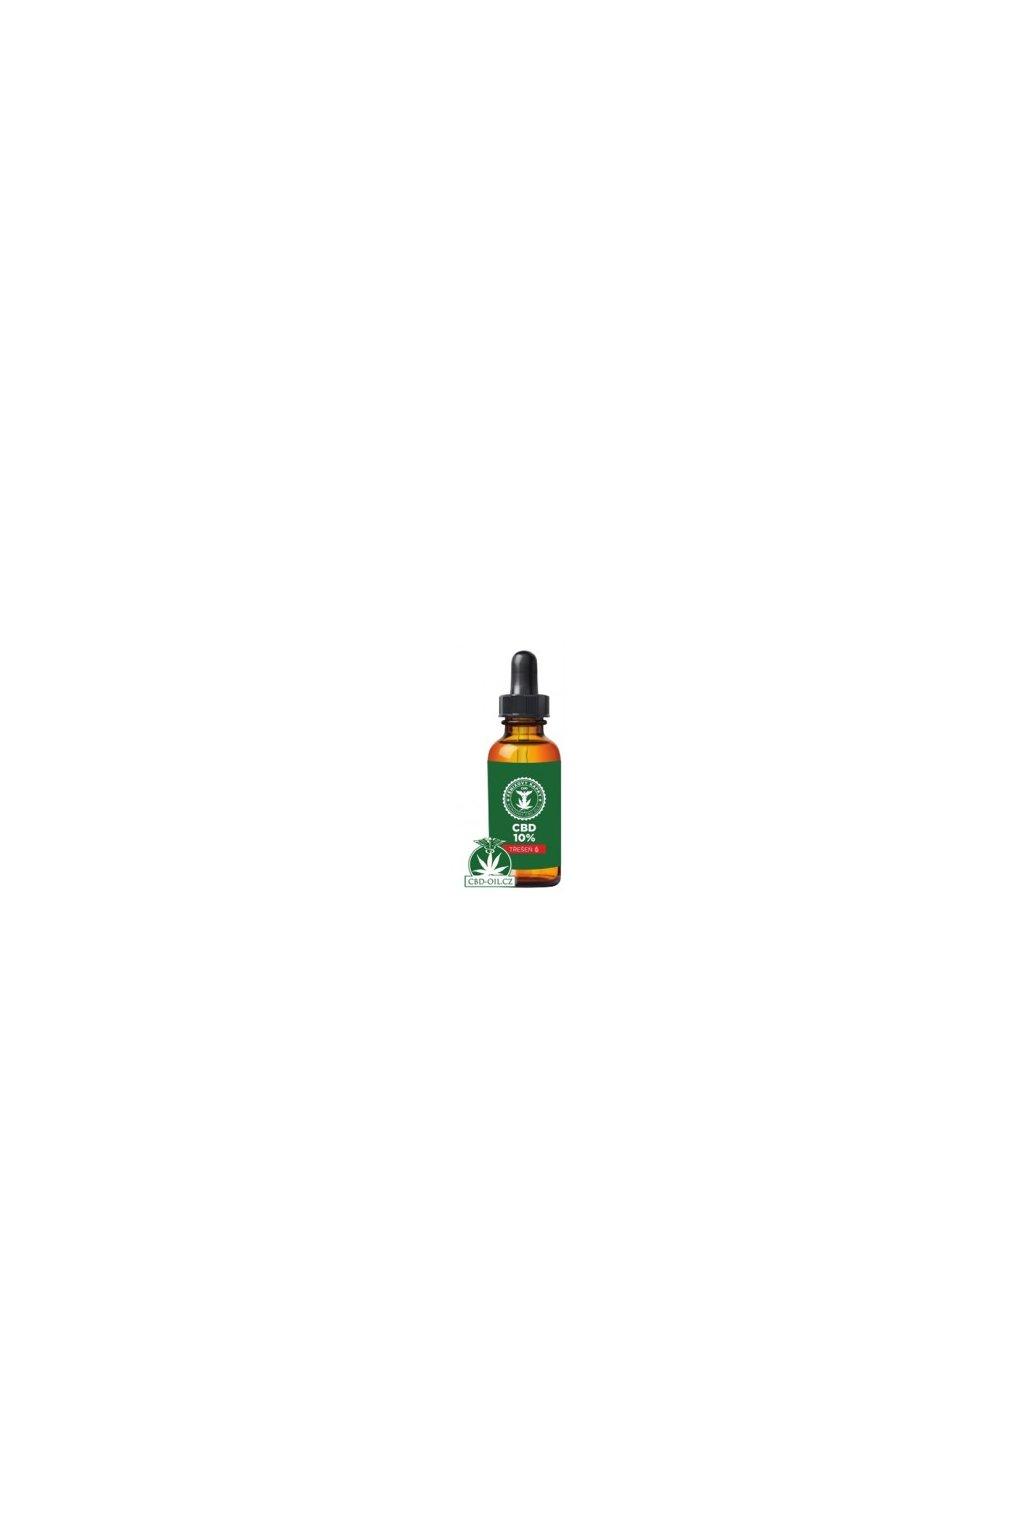 fenixovy kapky cbd 10 v tresnovem oleji 10 ml